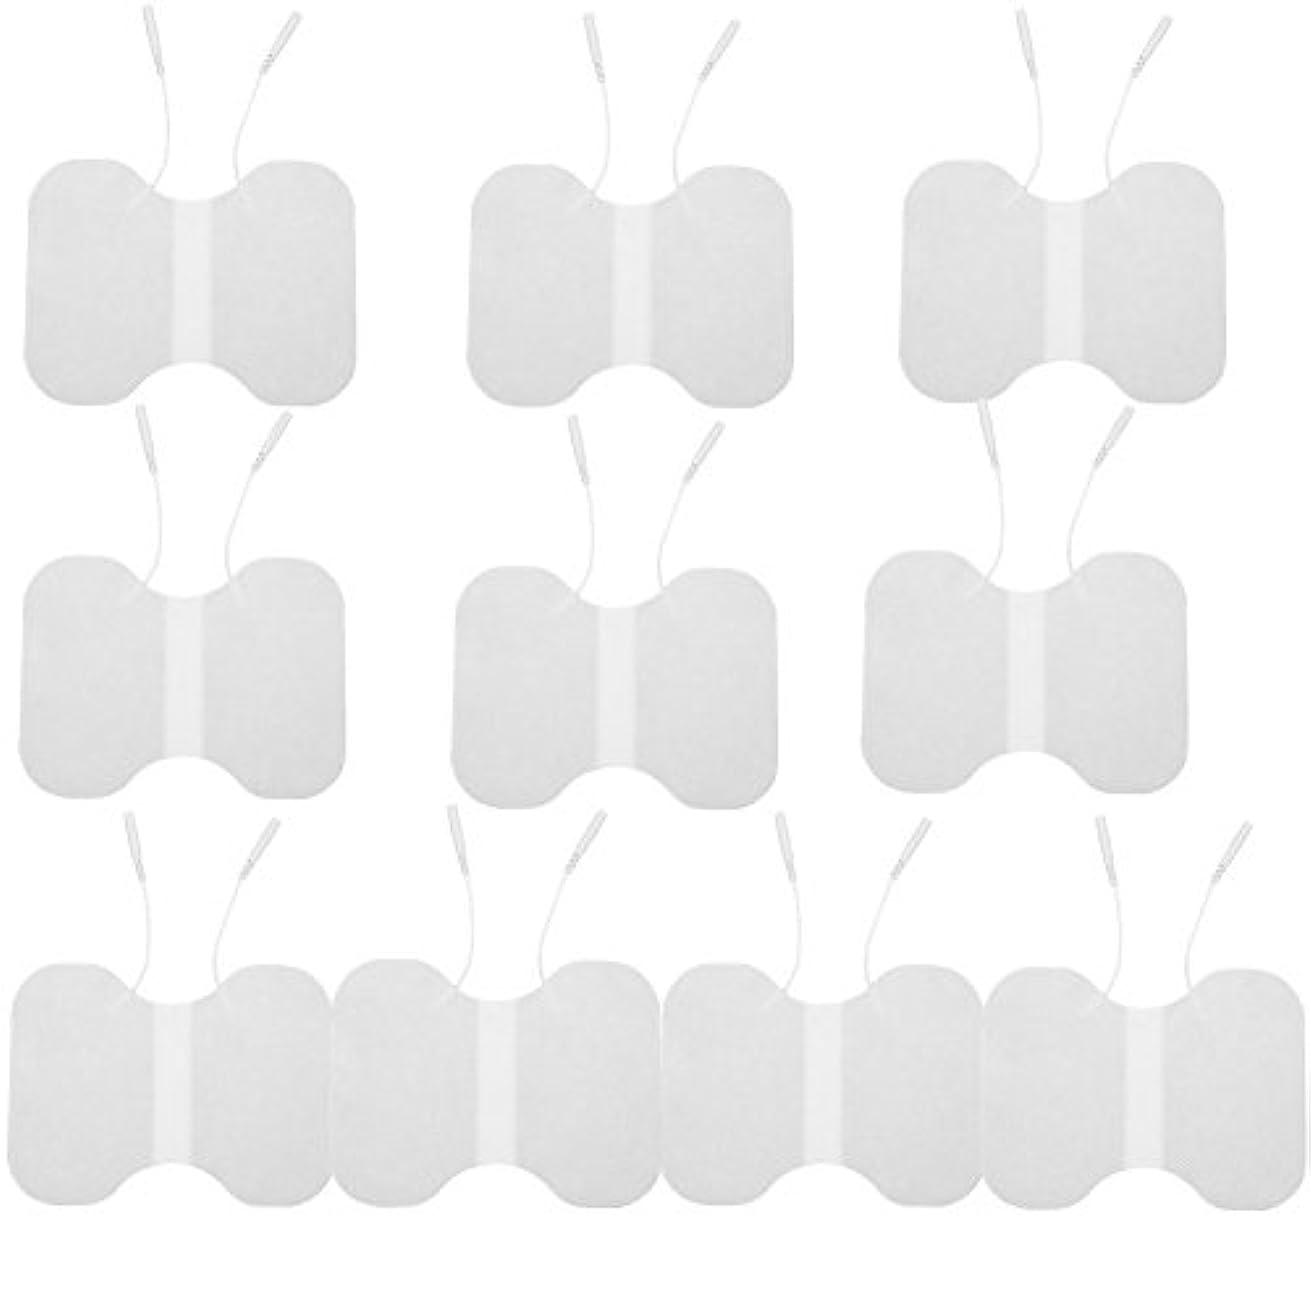 ヘッドレスダンプ同化する電極パッド、1Pc再利用可能な自己接着性電極パッチが体内の循環を改善し代謝を促進する効果